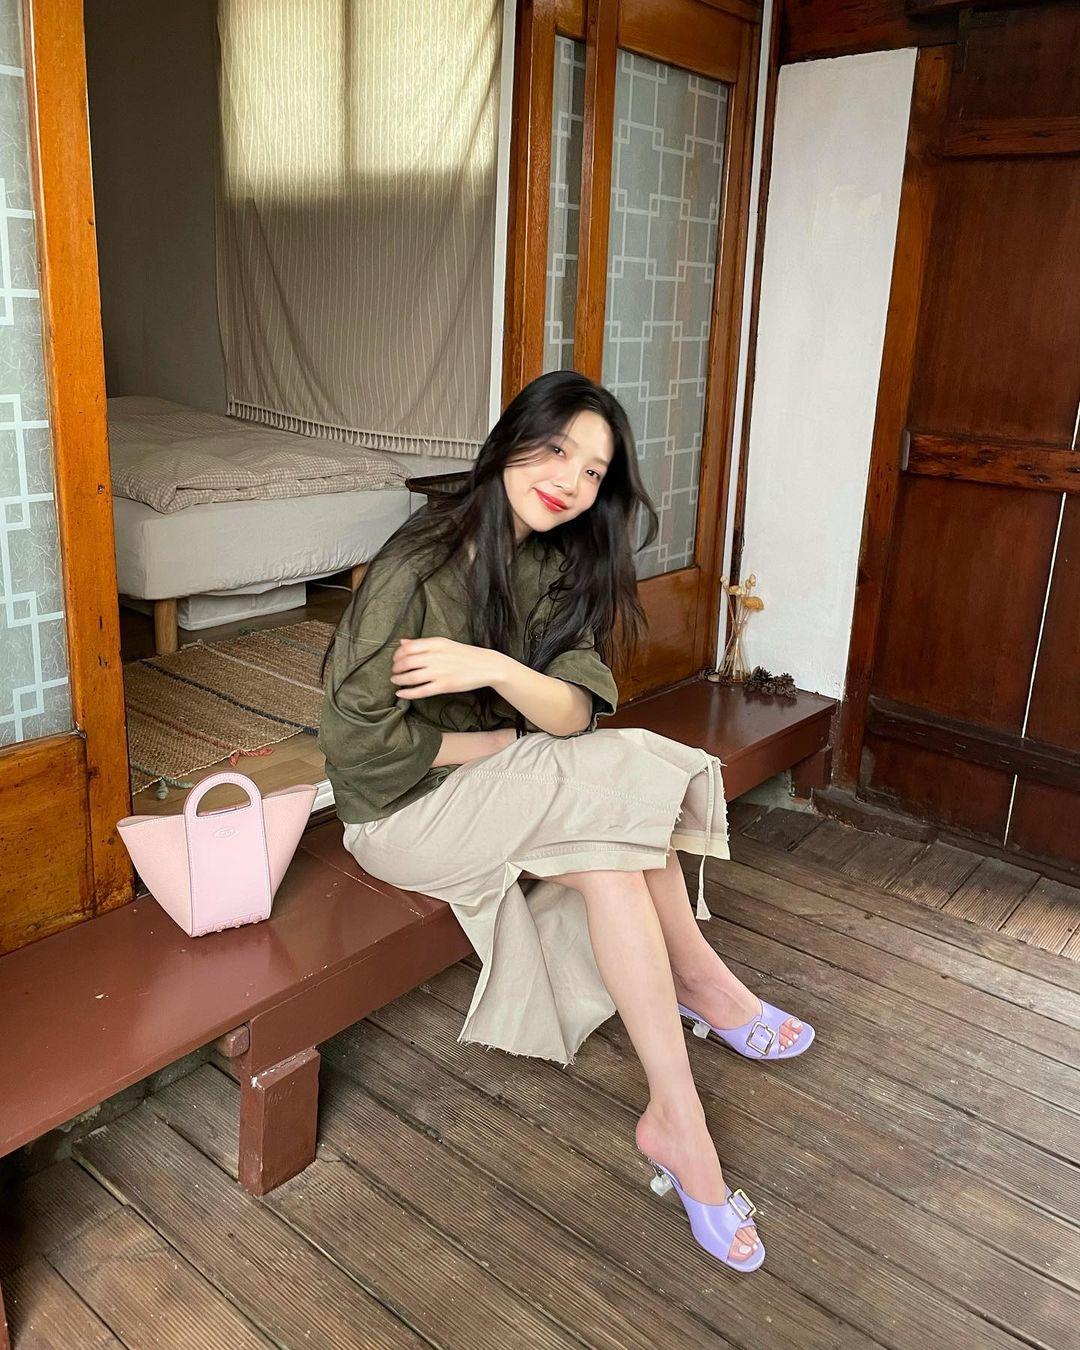 Check nhanh 9 cách diện áo blouse đẹp mê từ sao Hàn, đang bí ý tưởng lên đồ quẩy cuối tuần thì xem ngay! - Ảnh 4.